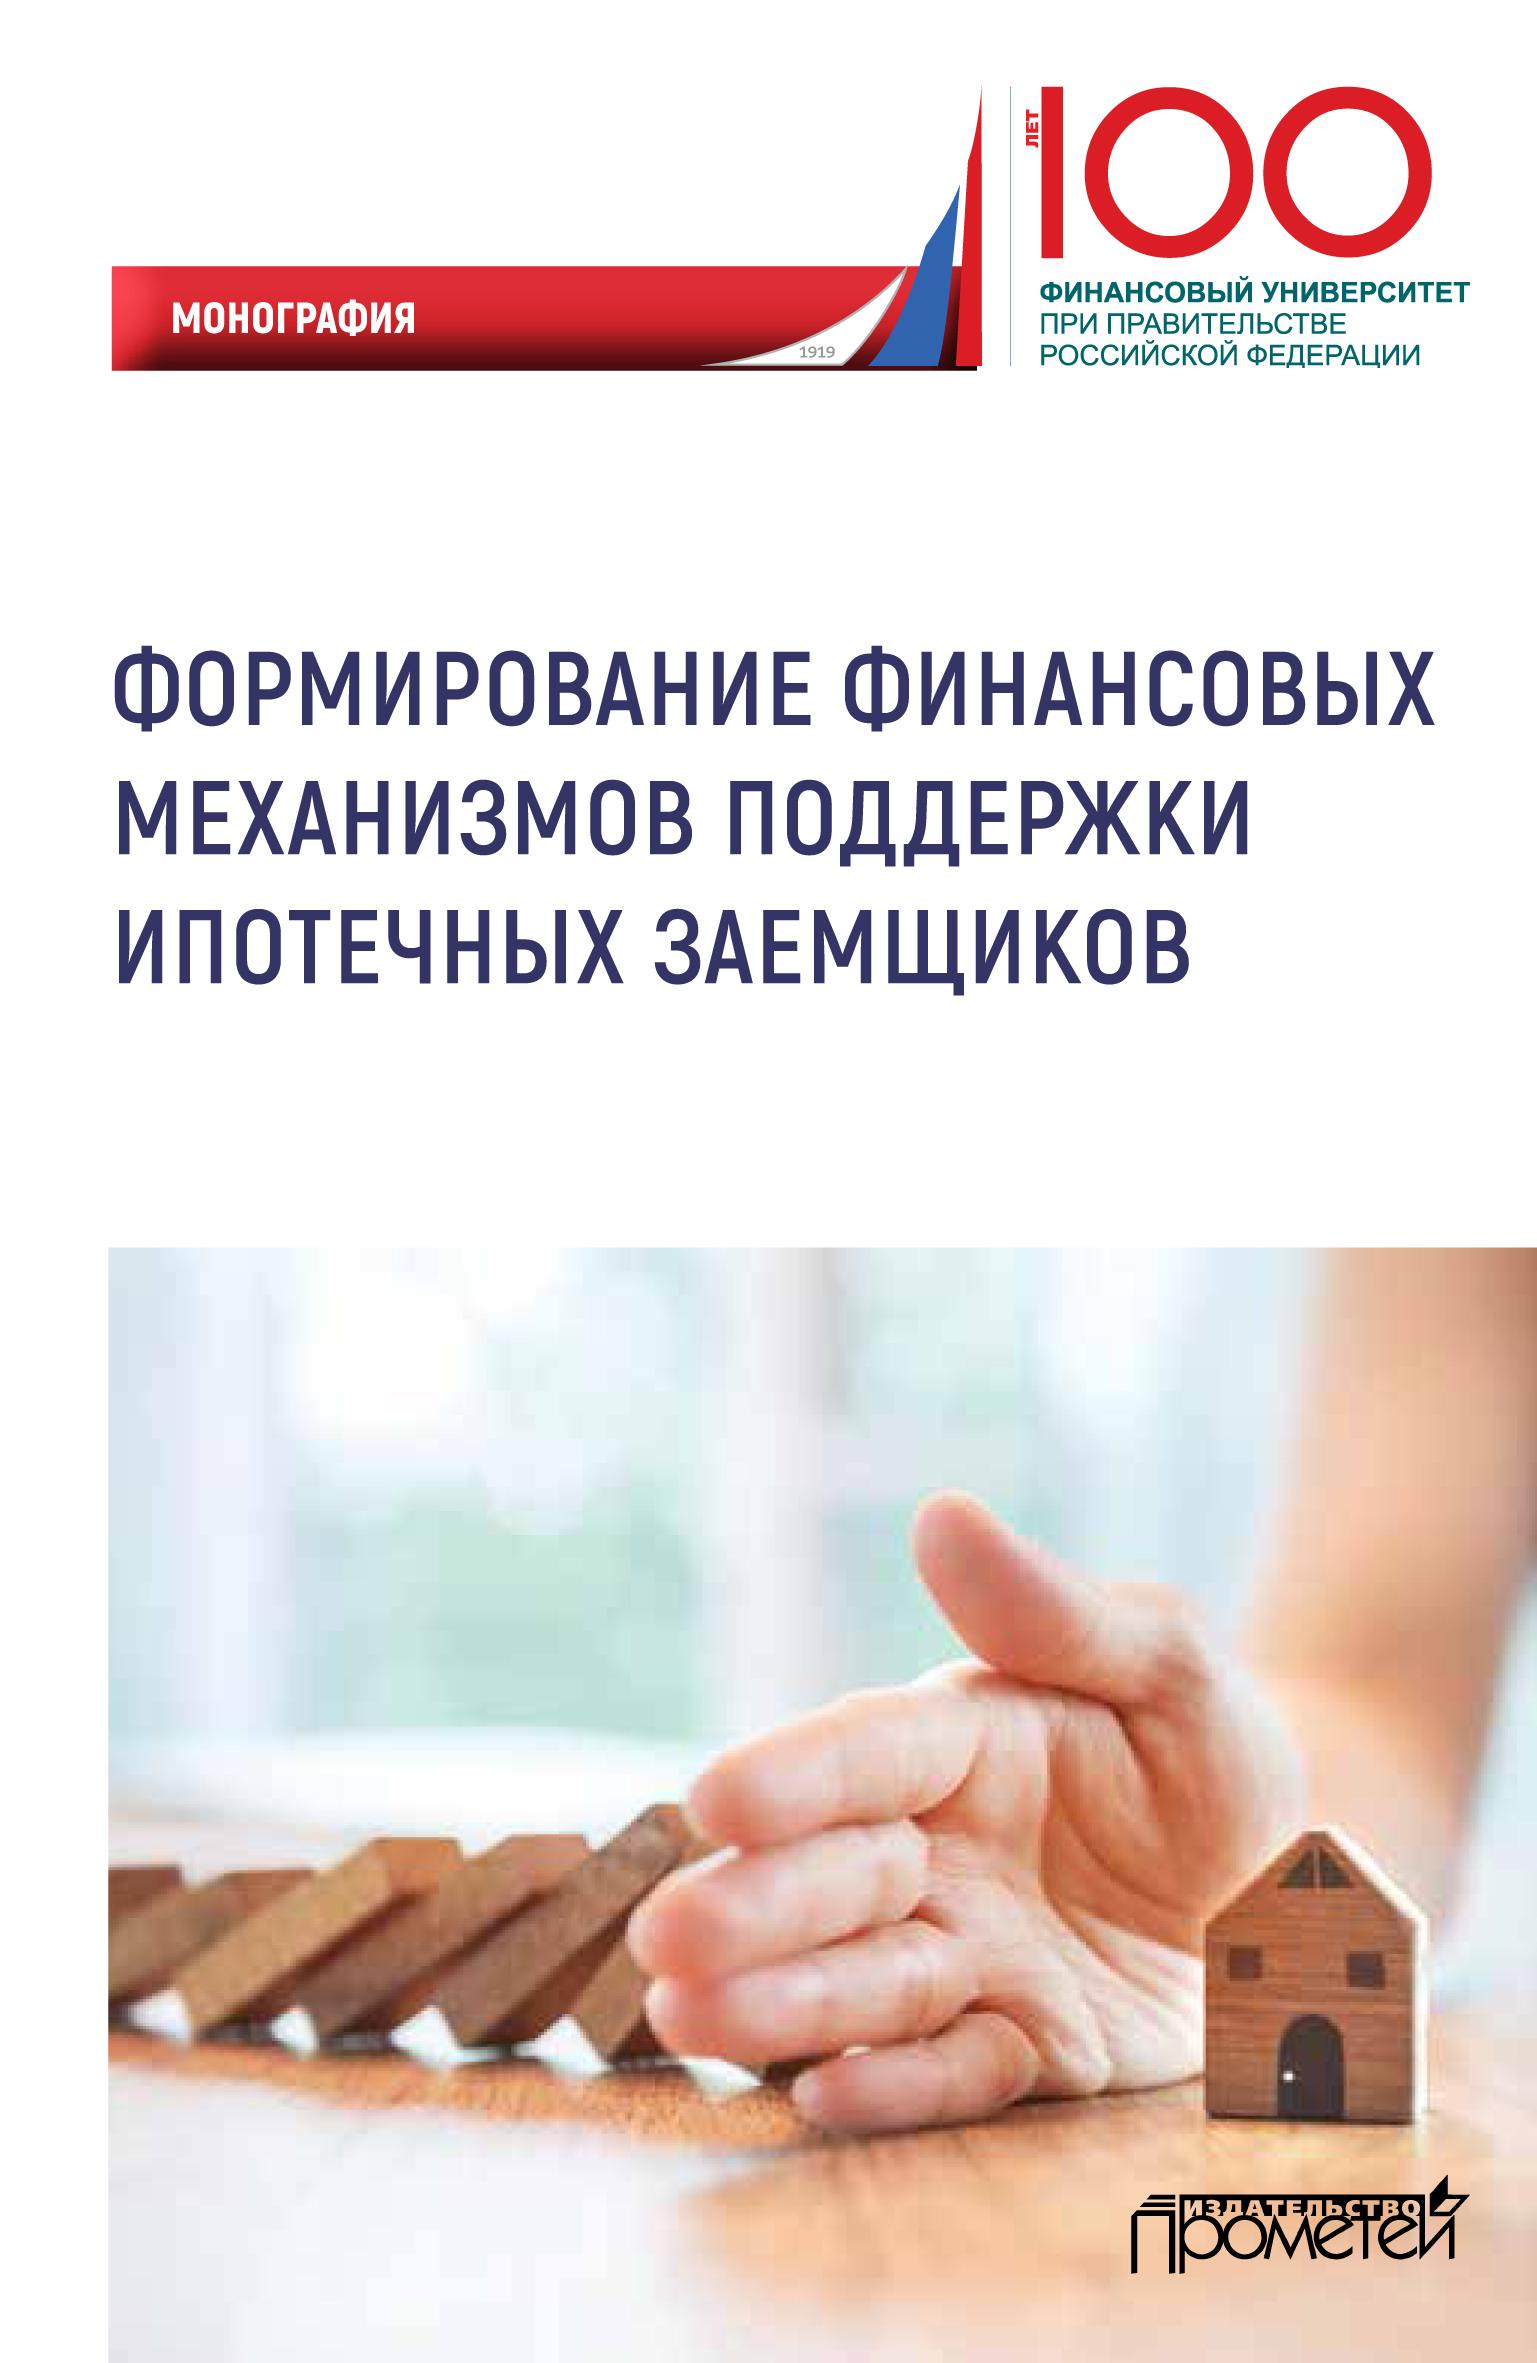 Коллектив авторов Формирование финансовых механизмов поддержки ипотечных заемщиков